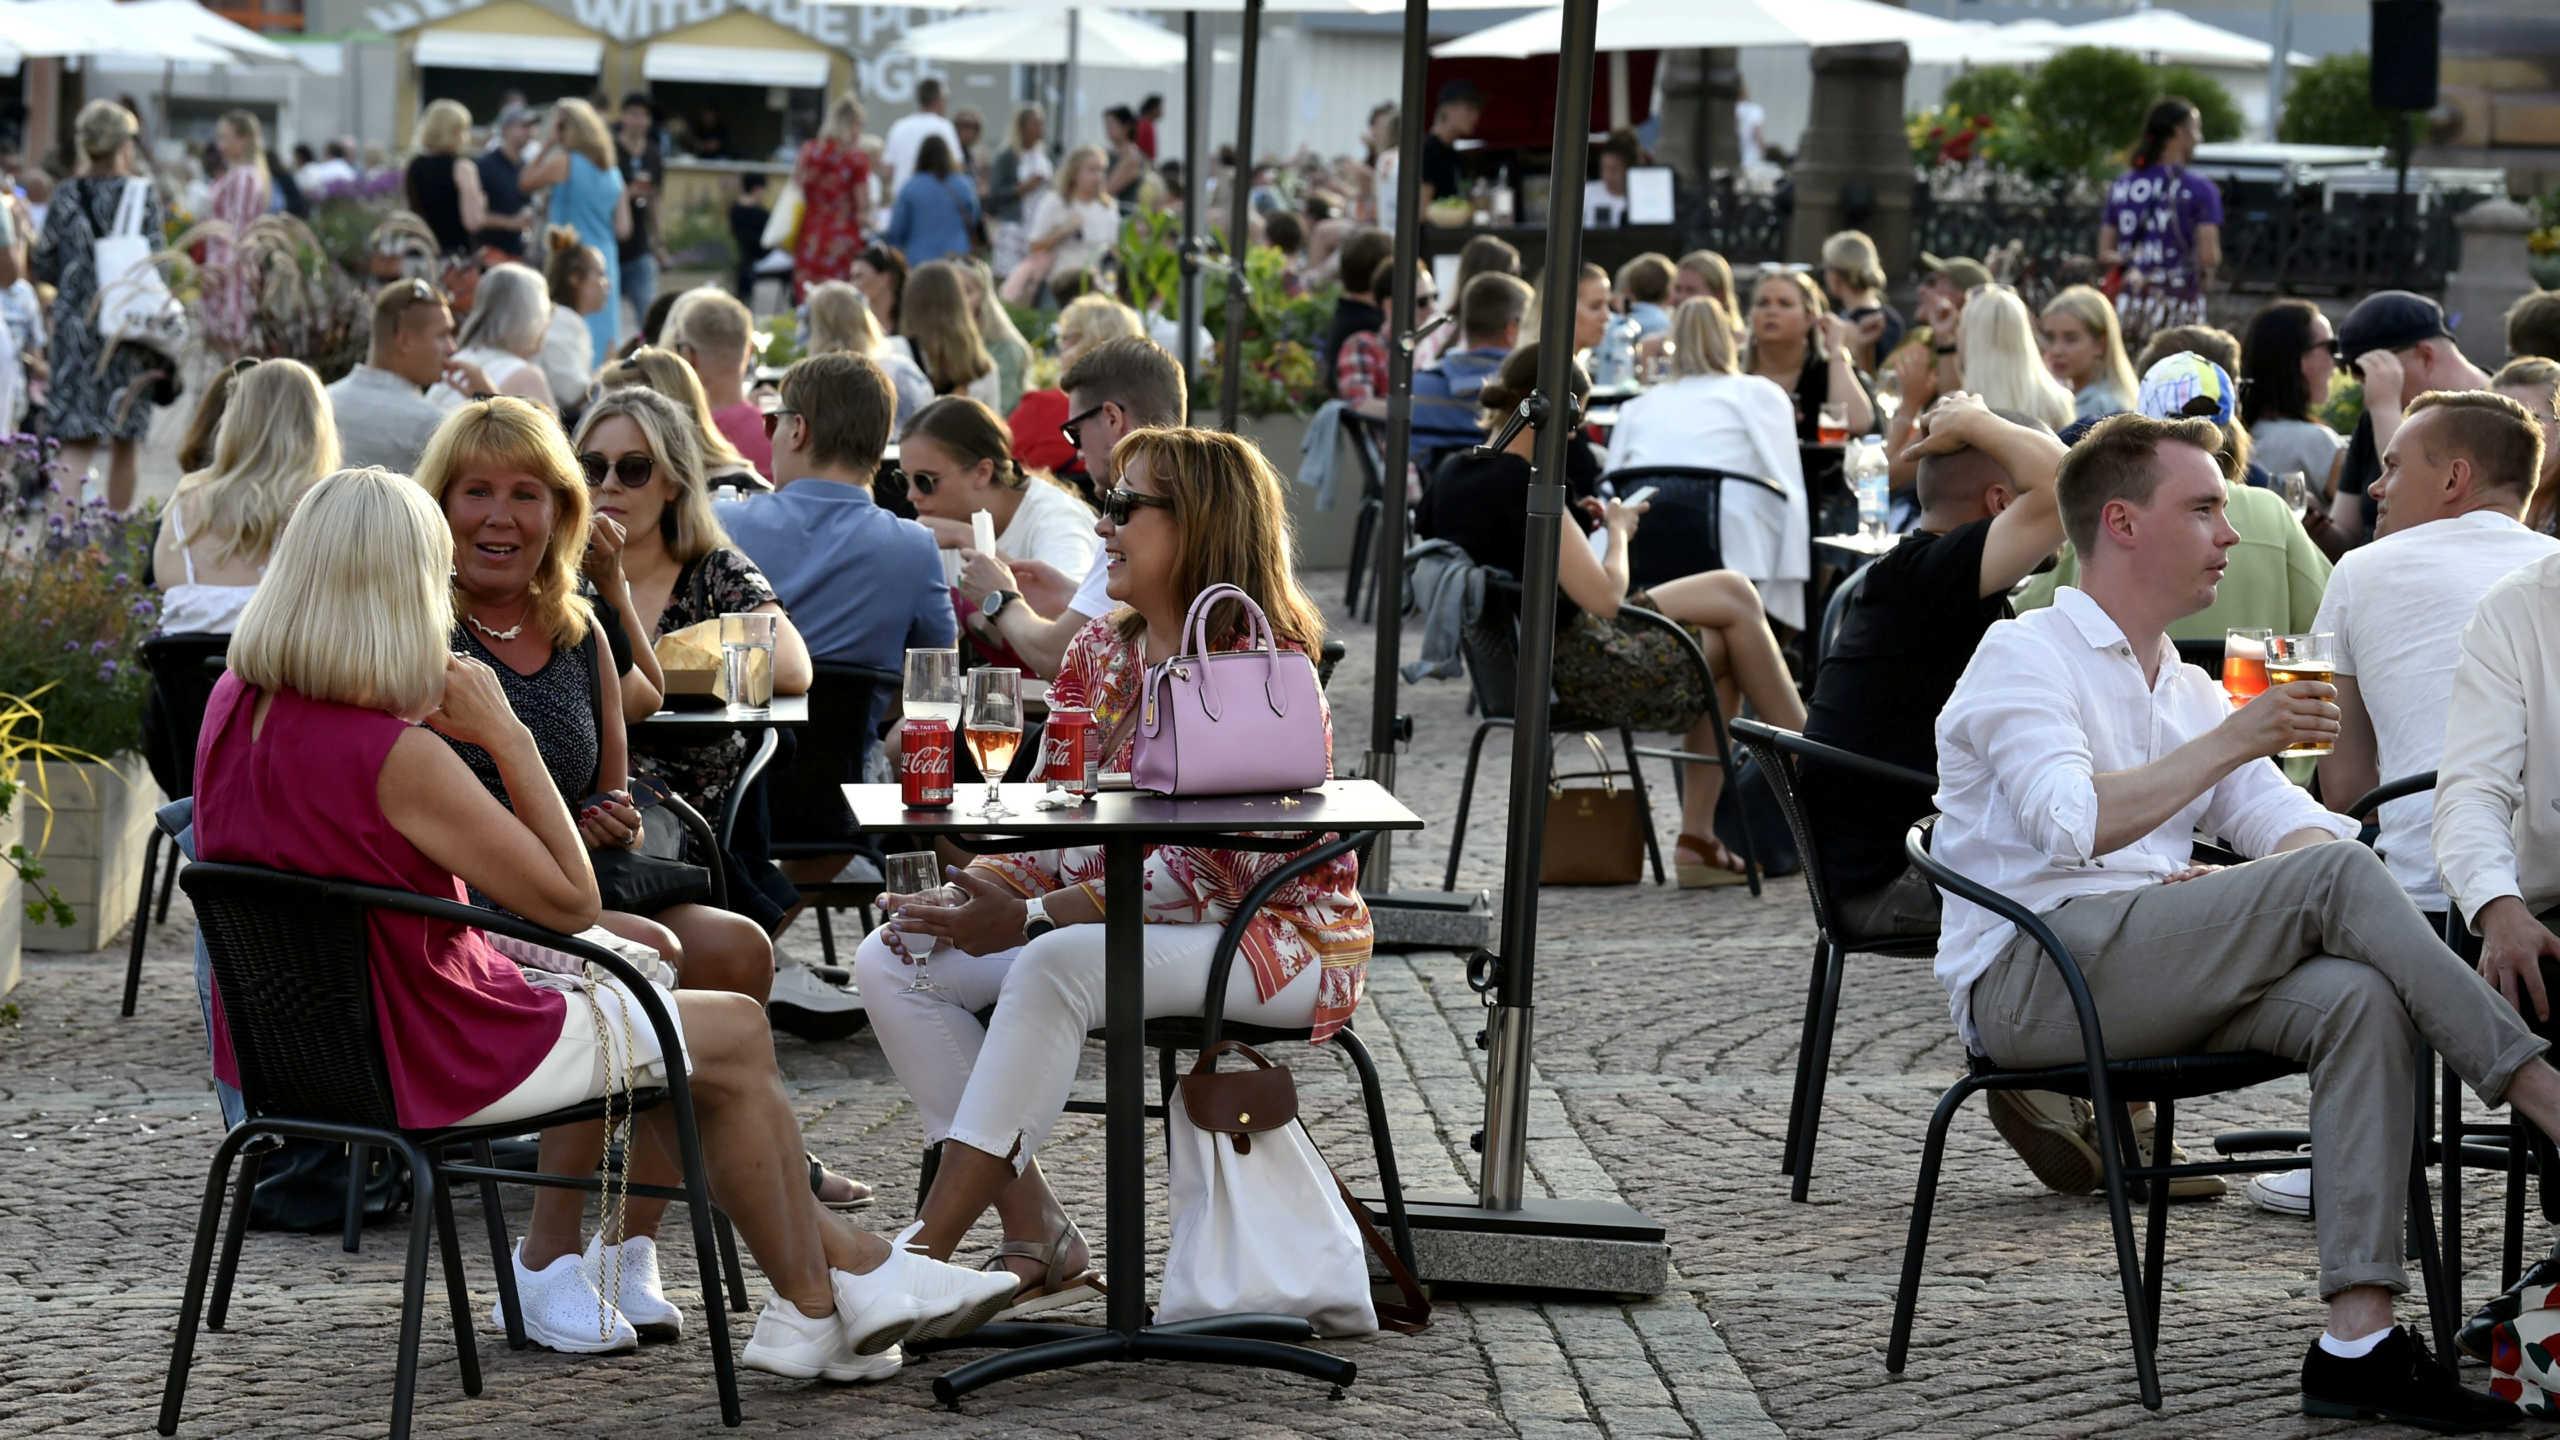 Κορονοϊός: Το φινλανδικό μοντέλο της επιτυχίας στην αντιμετώπιση της πανδημίας